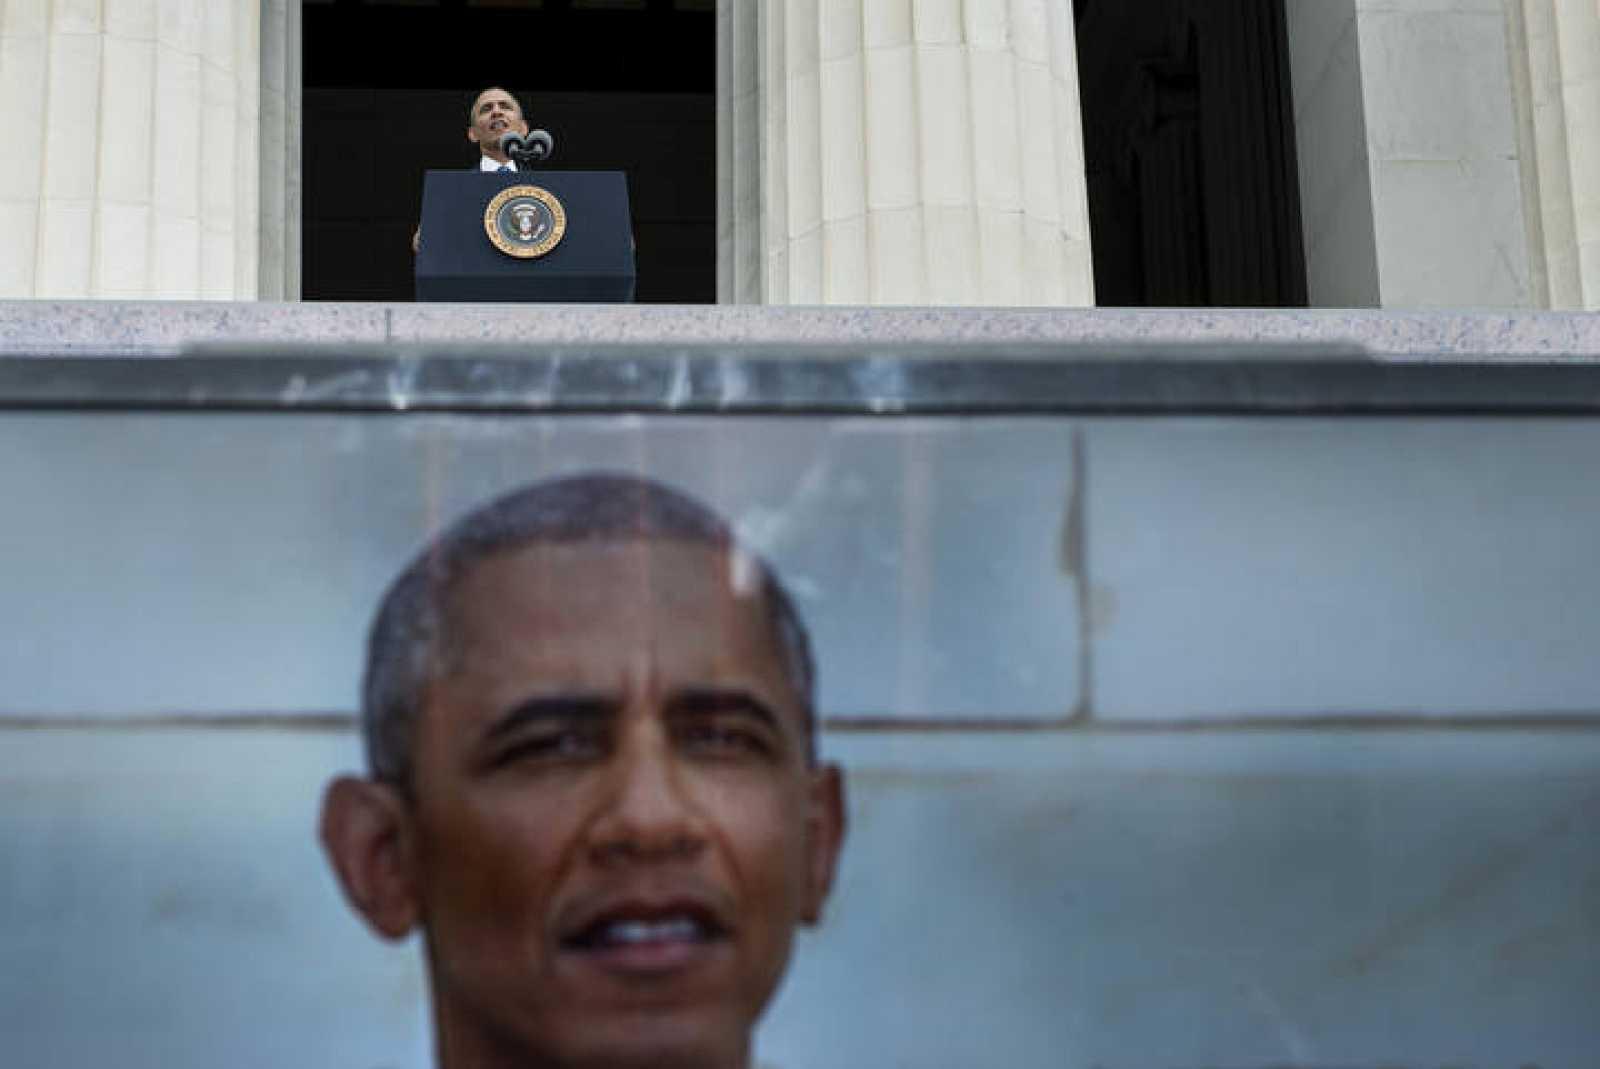 El presidente de EE.UU. sopesa la decisión de intervenir en Siria aunque sea sin el apoyo de Reino Unido.